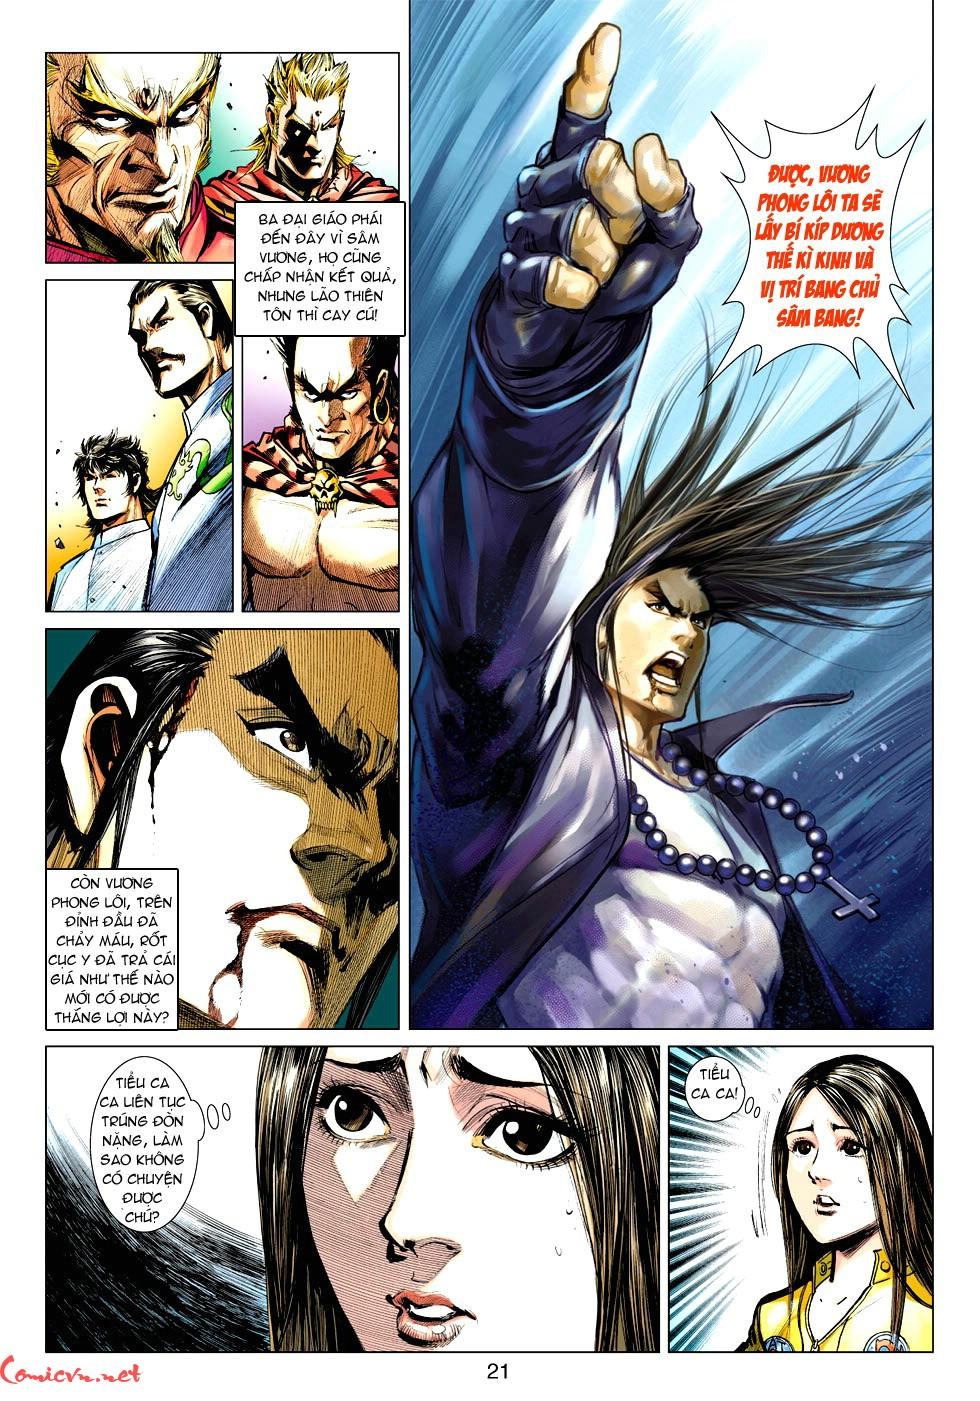 Vương Phong Lôi 1 chap 32 - Trang 20